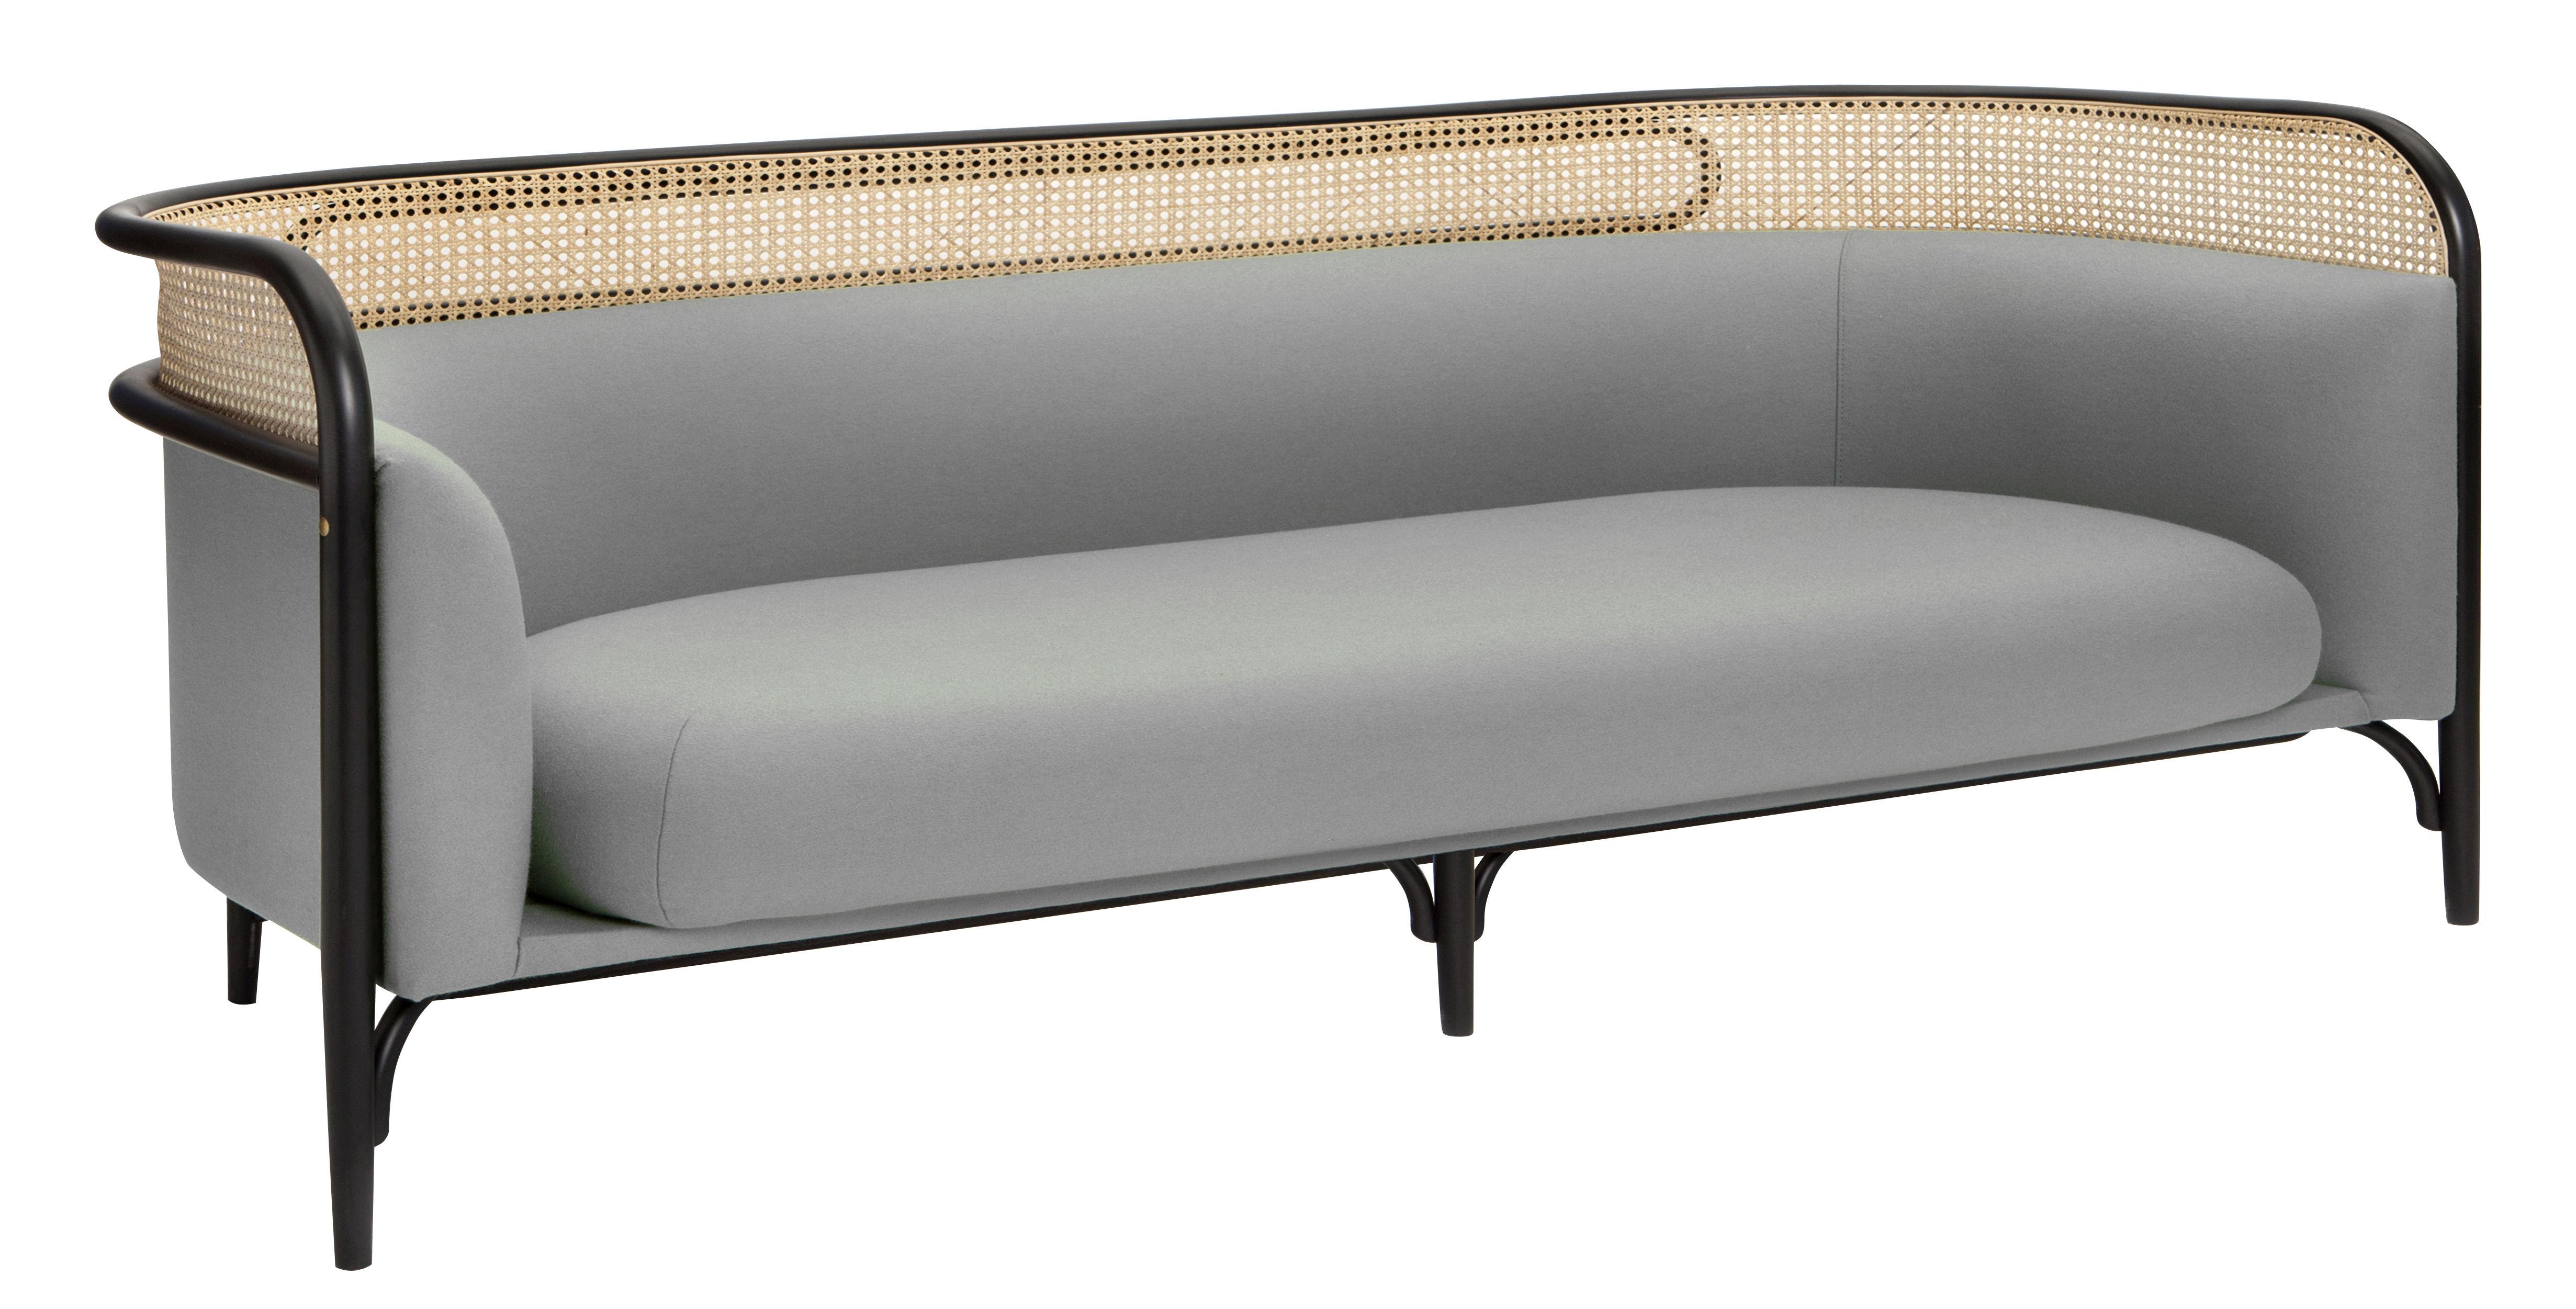 canap droit targa 3 places l 200 cm cannage tissu tissu gris noir wiener gtv design. Black Bedroom Furniture Sets. Home Design Ideas